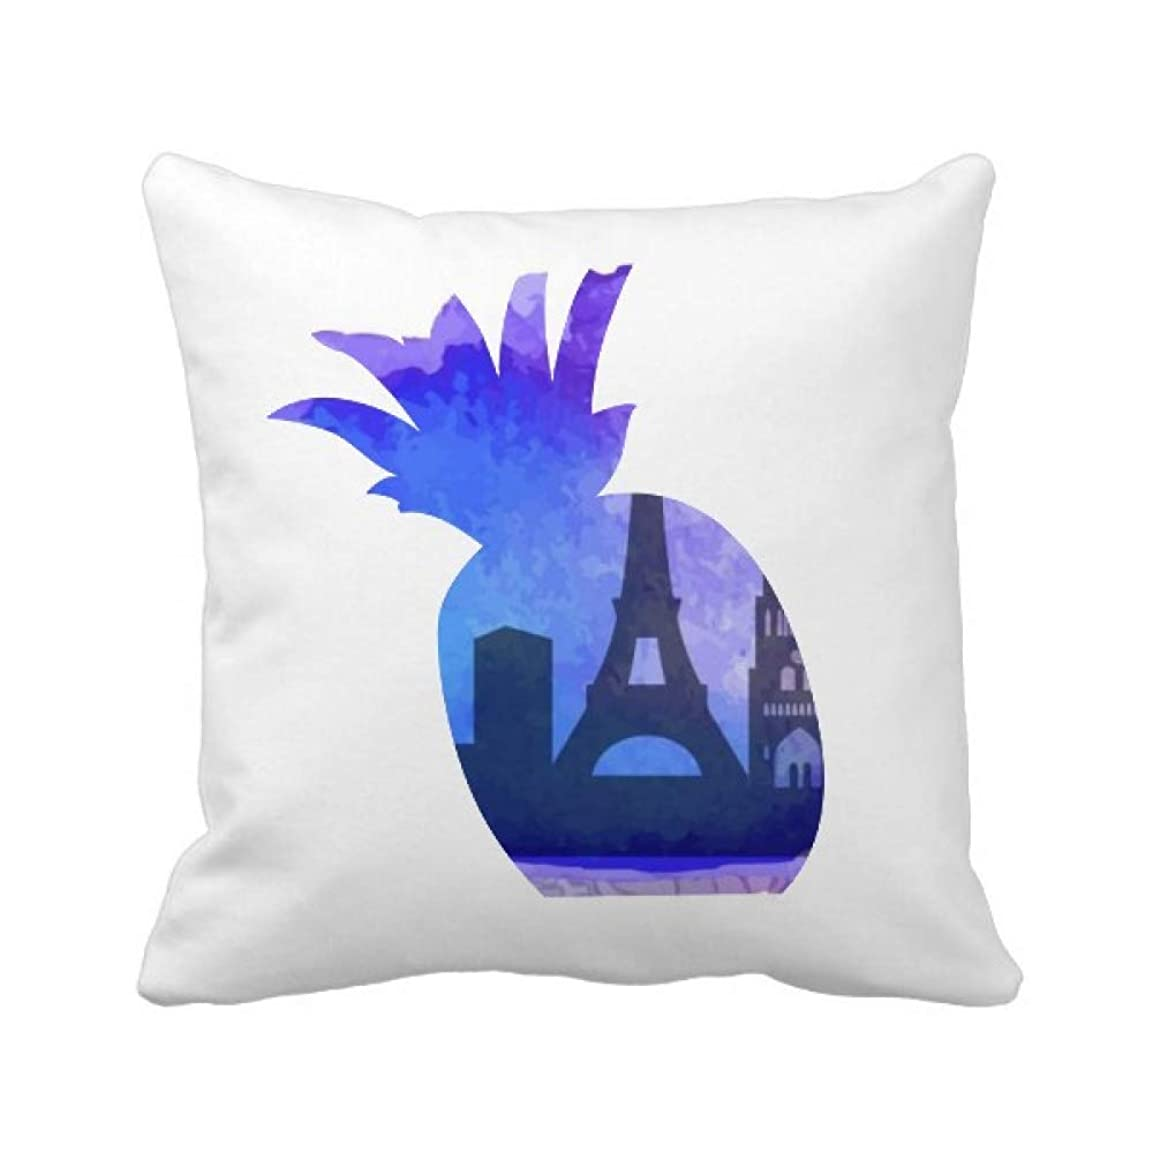 間違いライム些細フランスのエッフェル塔パリ水彩イラストパターンのランドマーク パイナップル枕カバー正方形を投げる 50cm x 50cm